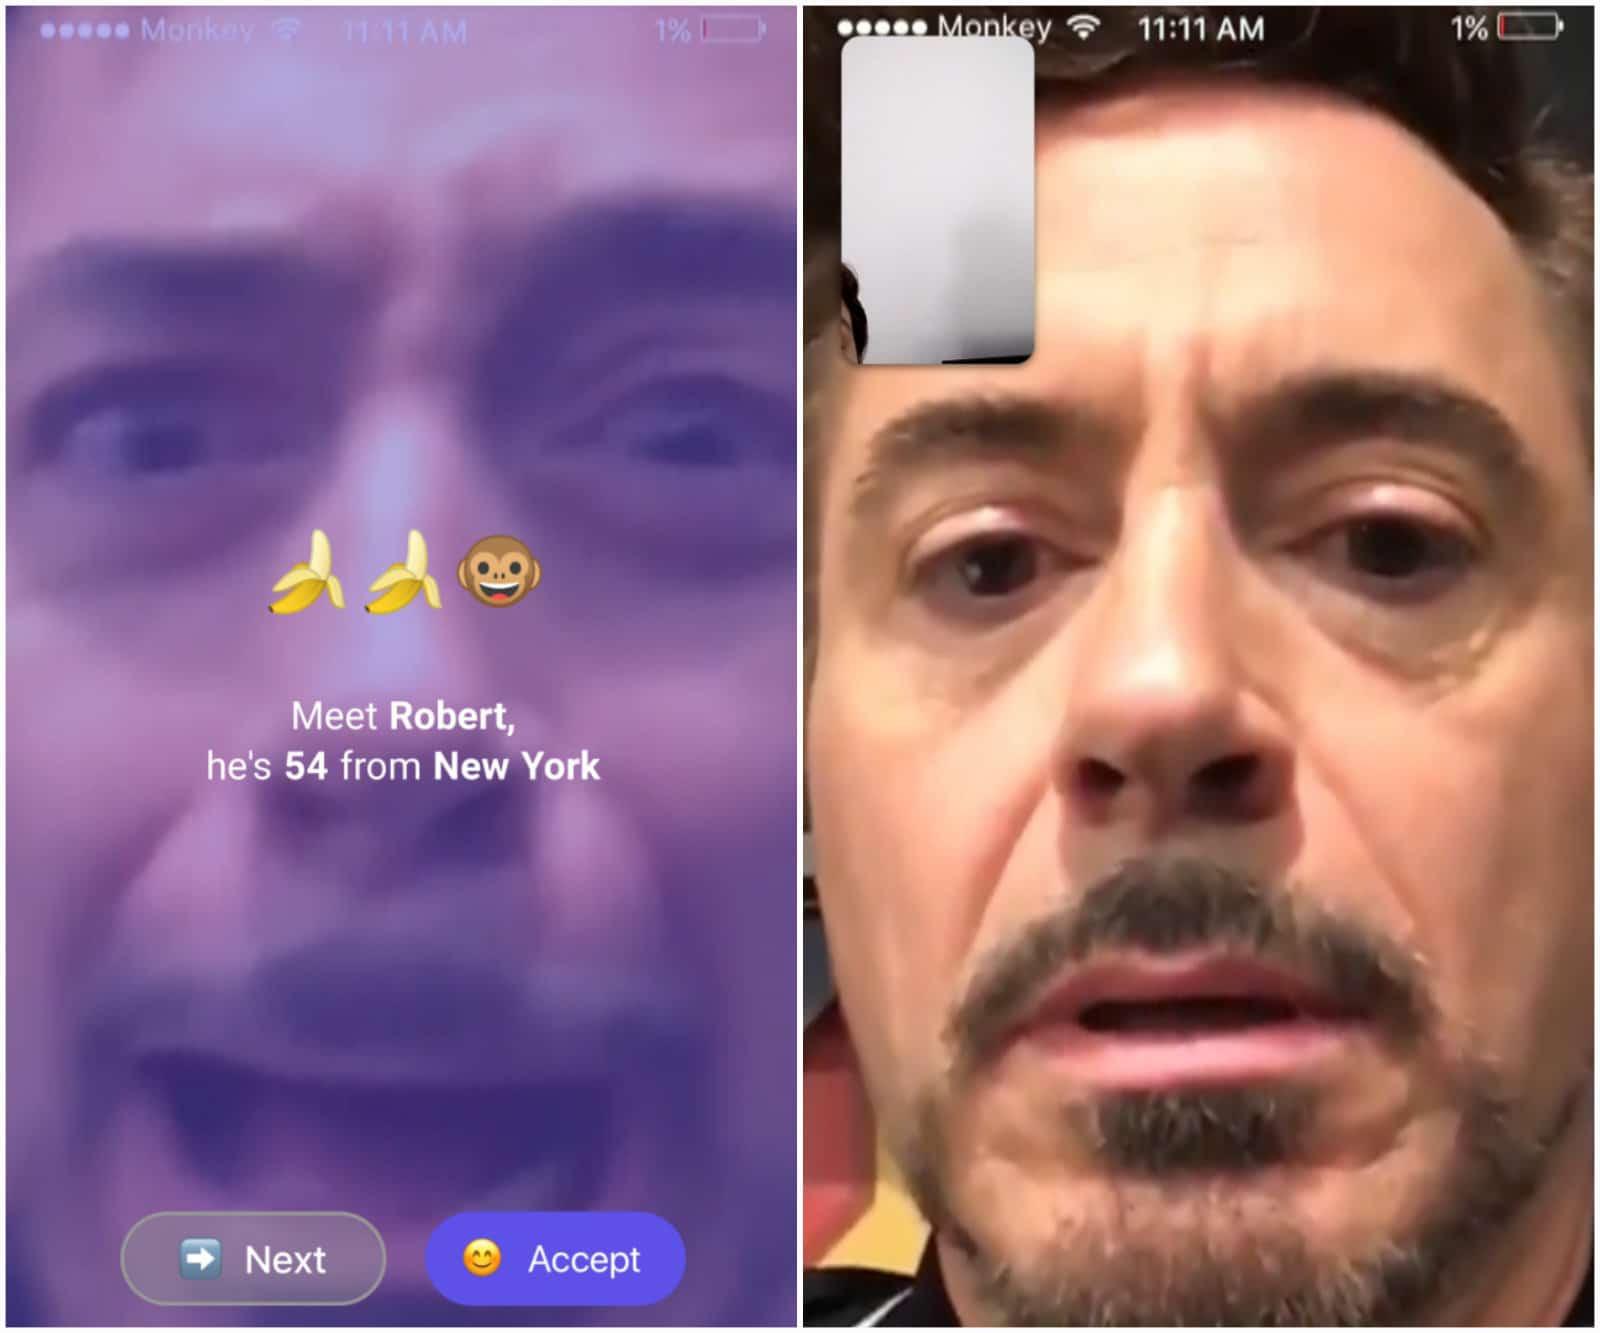 Mẹo xõa đúng cách sau thi: Gọi video cô Kim, Charlie Puth và hàng tá sao khác nhờ app của người nhà - Ảnh 2.